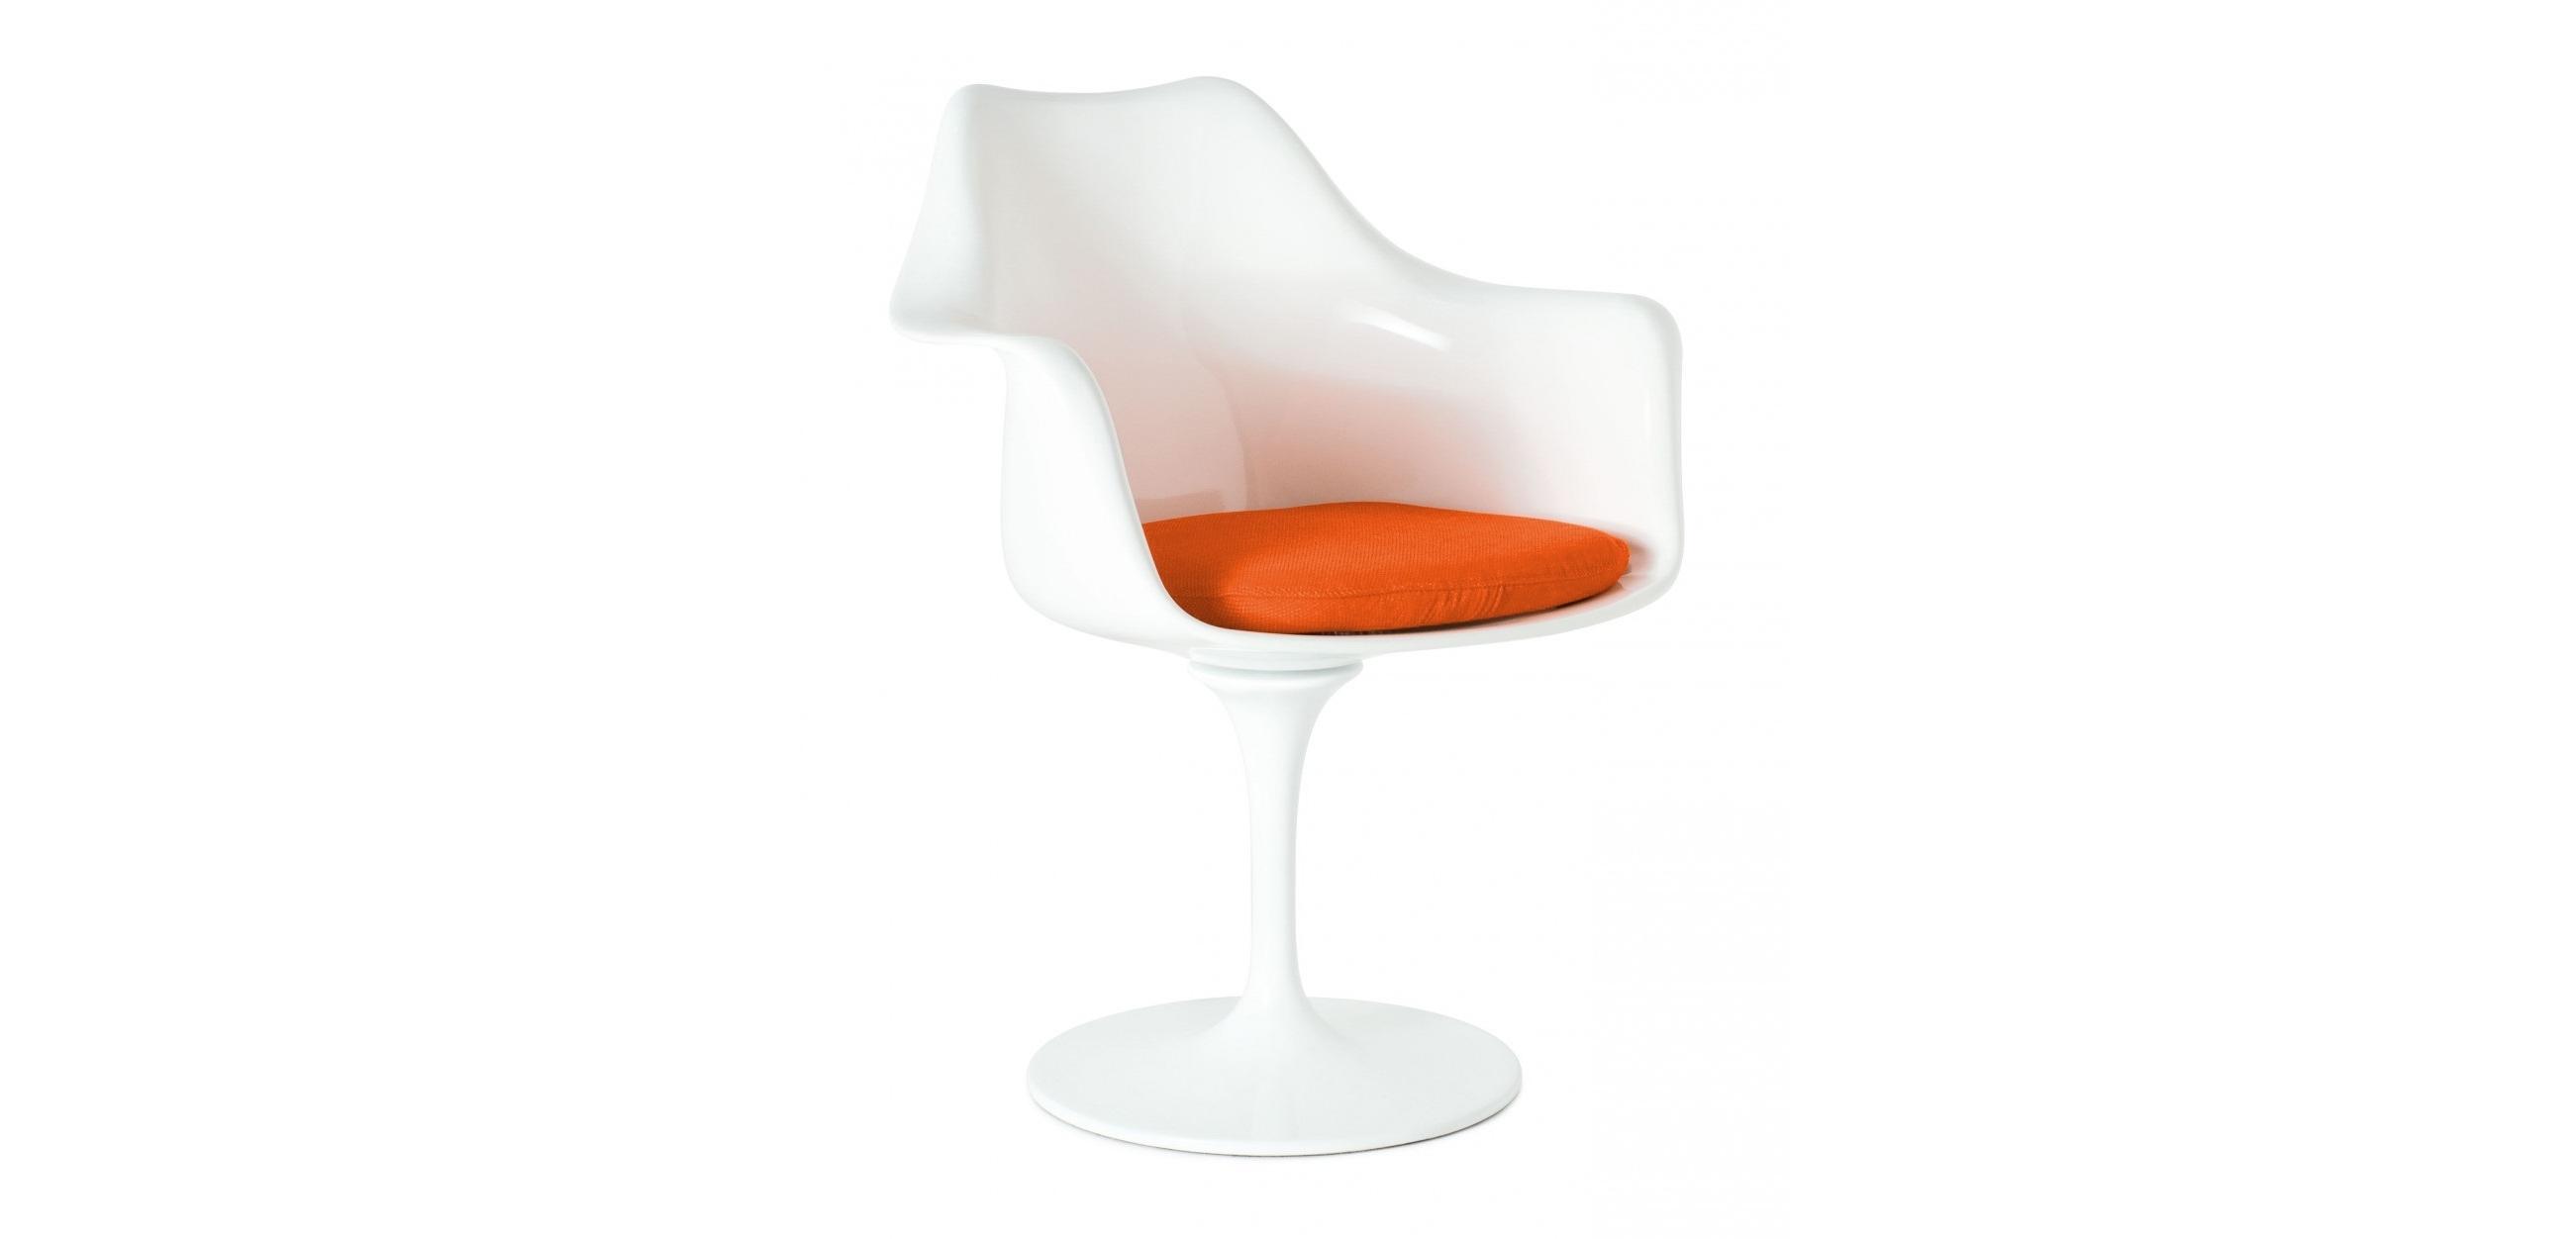 Кресло Tulip ArrmchairИнтерьерные кресла<br>Кресло Tulip (Тюльпан) &amp;amp;nbsp;придумал гуру дизайна Ээро Сааринен (Eero Saarinen) еще в 1956 году. Предлагалось использовать его как приставное – к обеденному столу. Но очень скоро стильная вещица украсила эфиры телешоу Star Trek в Америке, а следом – самые модные интерьеры всех стран и континентов. «Цветочная» хрупкость – лишь видимость. Внутри конструкции – ножка из литого алюминия, способная выдержать космические нагрузки, а уж тем более вес человека. Сиденье плавных скругленных форм изготовлено из прочнейшего пластика, в нем – мягкая подушка из текстиля.<br><br>Material: Пластик<br>Length см: None<br>Width см: 48<br>Depth см: 58<br>Height см: 81